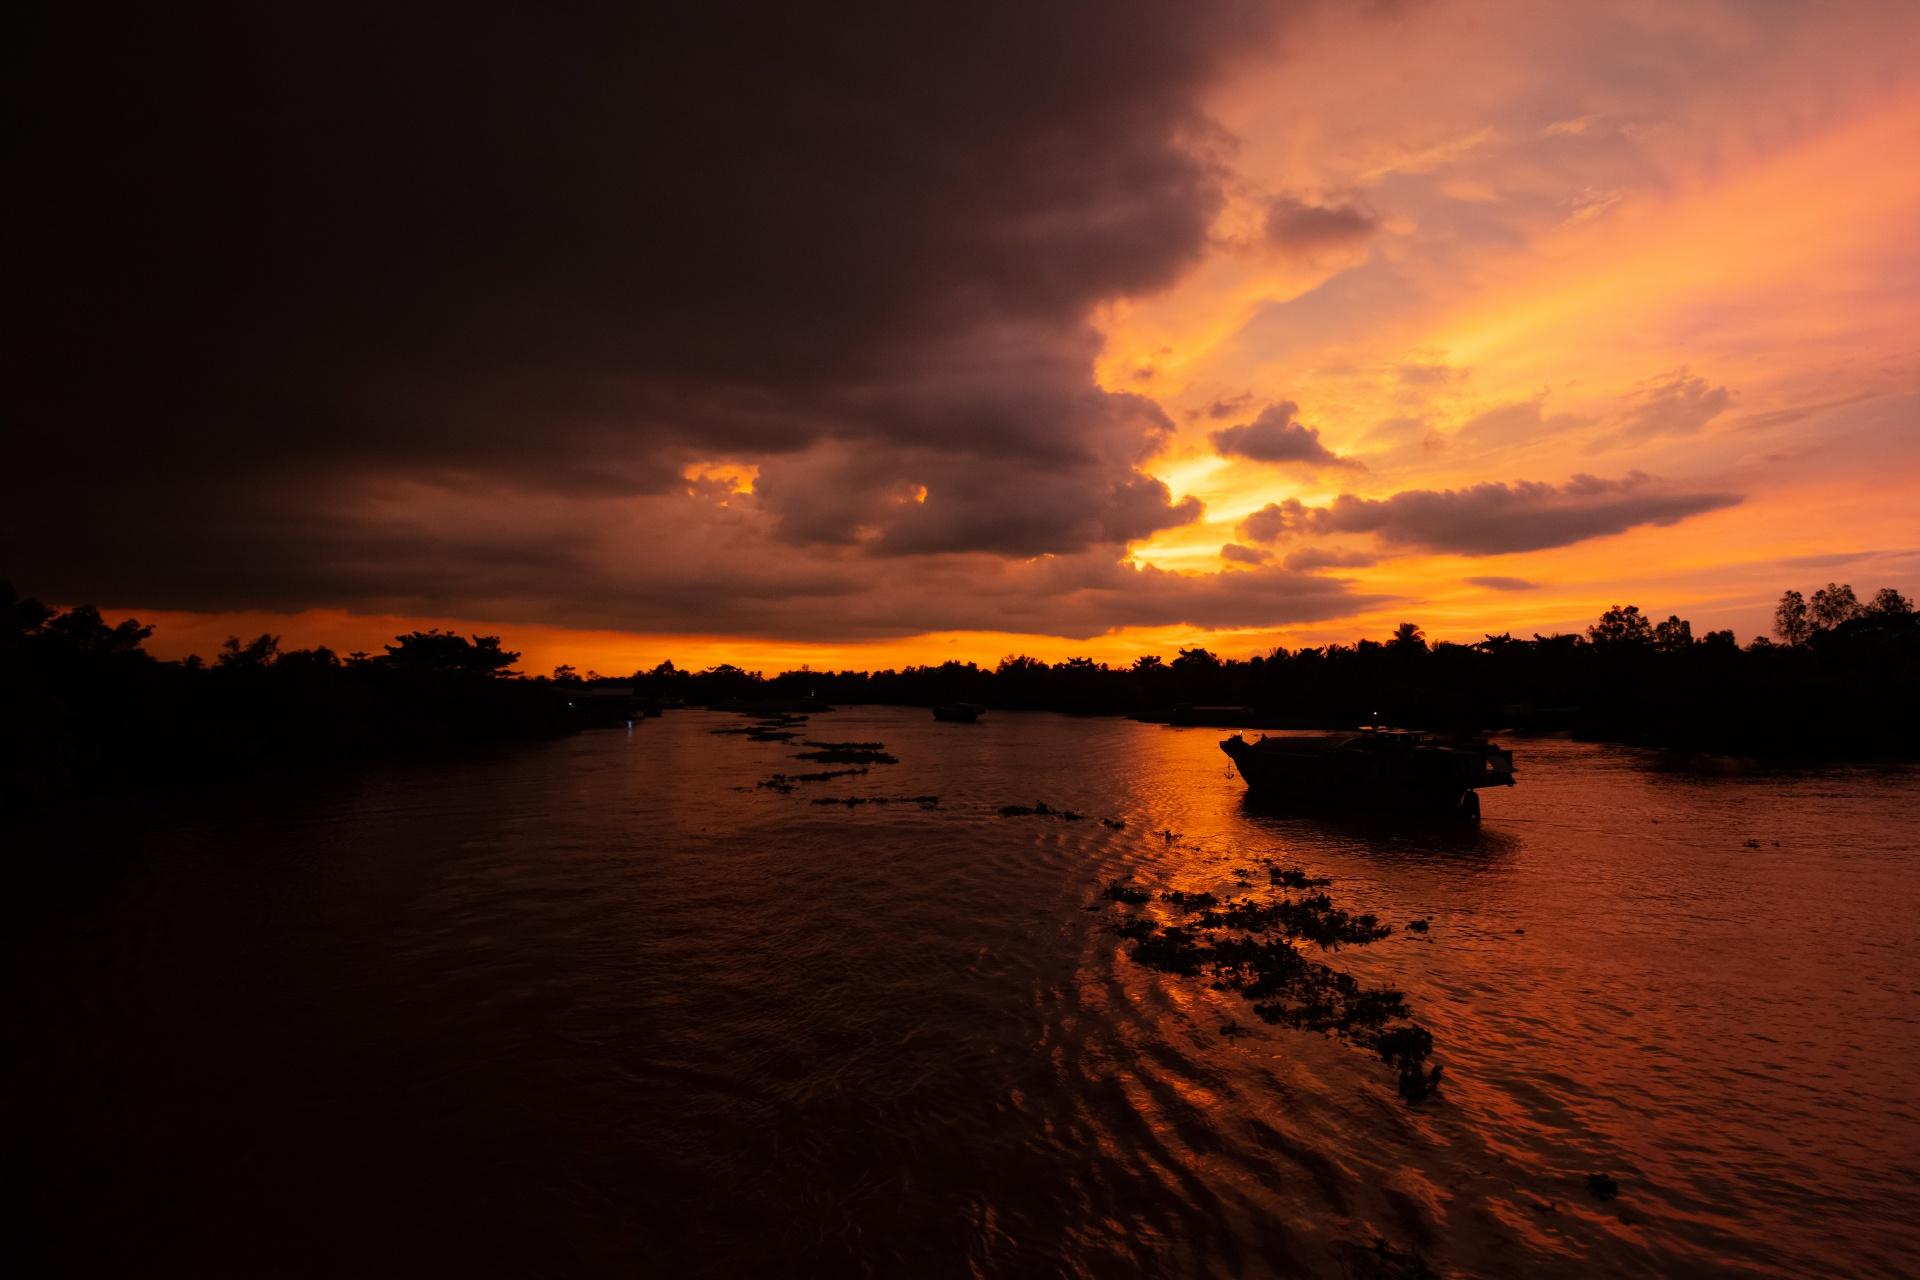 メコン川の美しい日没の風景 ベトナムの風景